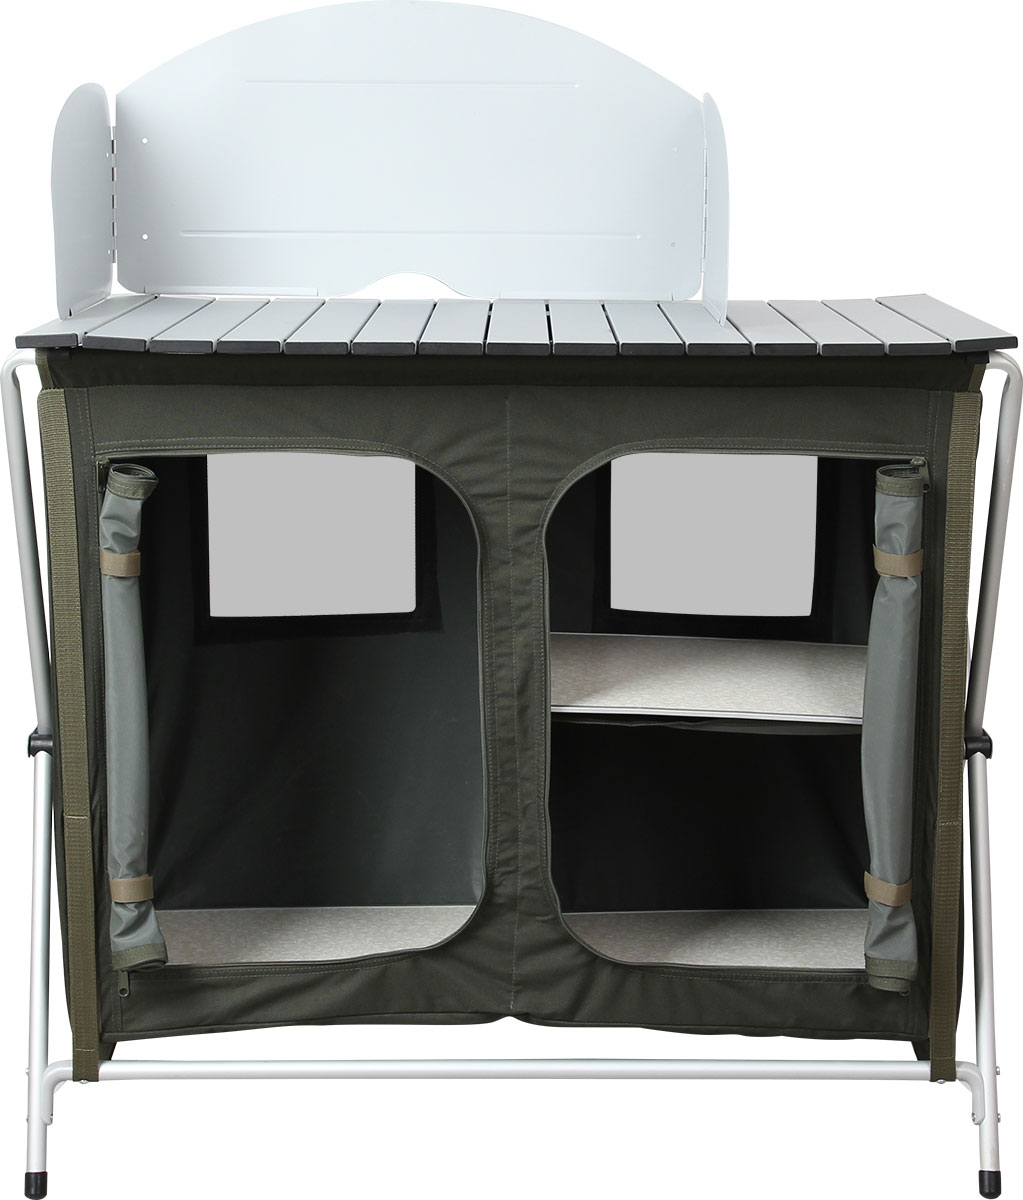 Стол складной Сплав TR - 94, кухонный5060936Стол складной Сплав TR - 94 - это незаменимый предмет походной мебели, очень удобен в эксплуатации. Складной стол выполнен из алюминия и пластика. Два внутренних отсека для хранения посуды и еды, выполненные из полиэстера, закрываются на молнию. На задней стенке имеется окно из сетки для вентиляции. В комплект входят промежуточные полки из МДФ, ветрозащитный экран и удобный чехол для переноски. Стол легко собирается и разбирается, не занимает много места, поэтому подходит для транспортировки и хранения дома. Складной стол прекрасно подойдет для комфортного отдыха на даче или в походе.Вес стола: 7,4 кг.Максимальная нагрузка: 30 кг.Размер в собранном виде: 87 х 50 х 80 см.Размер в упаковке: 90 х 50 х 10 см.Каркас выполнен из алюминиевой трубы диаметром 19 мм.Столешница выполнена из алюминиевых планок размером 55 х 11 мм.